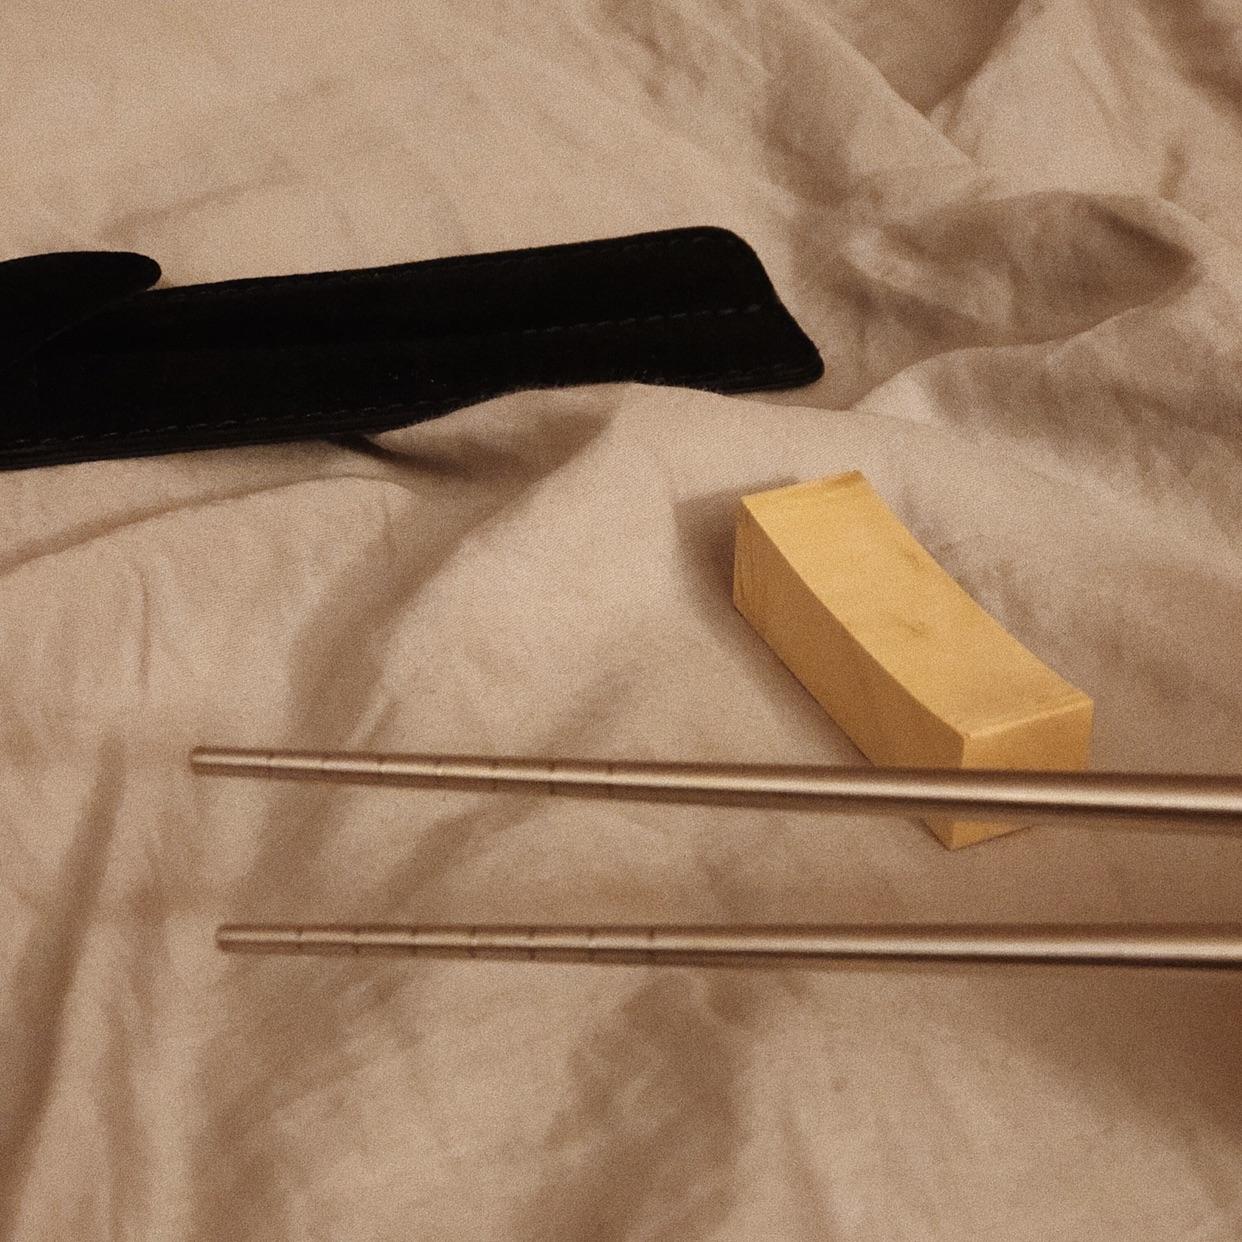 奢华的筷子🥢要放在床上拍照📷!!